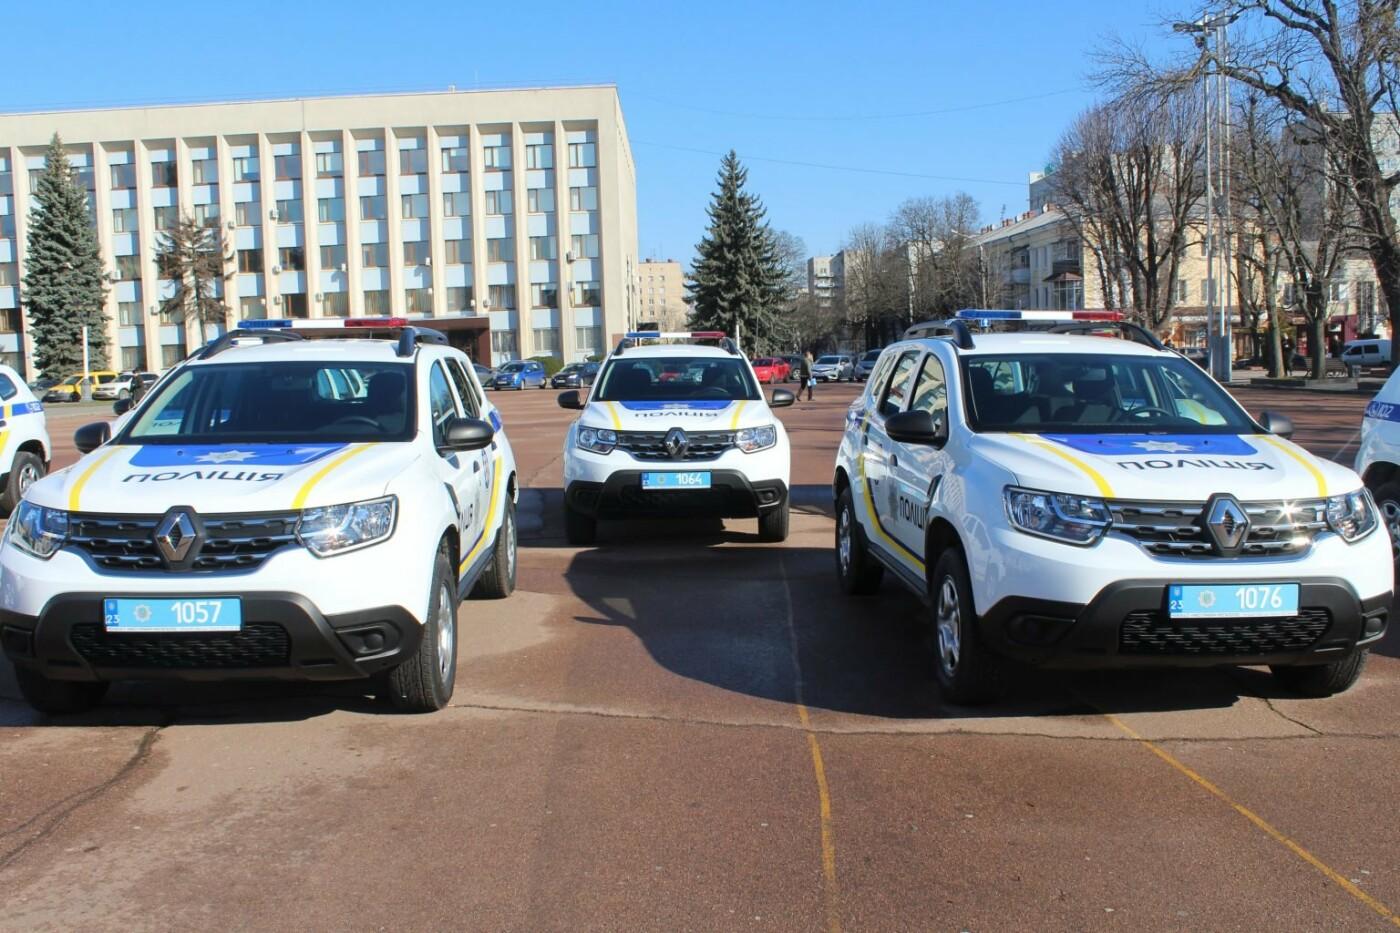 Поліцейські офіцери громади Кам'янеччини отримали службові автомобілі, фото-11, Фото: Хмельницька ОДА